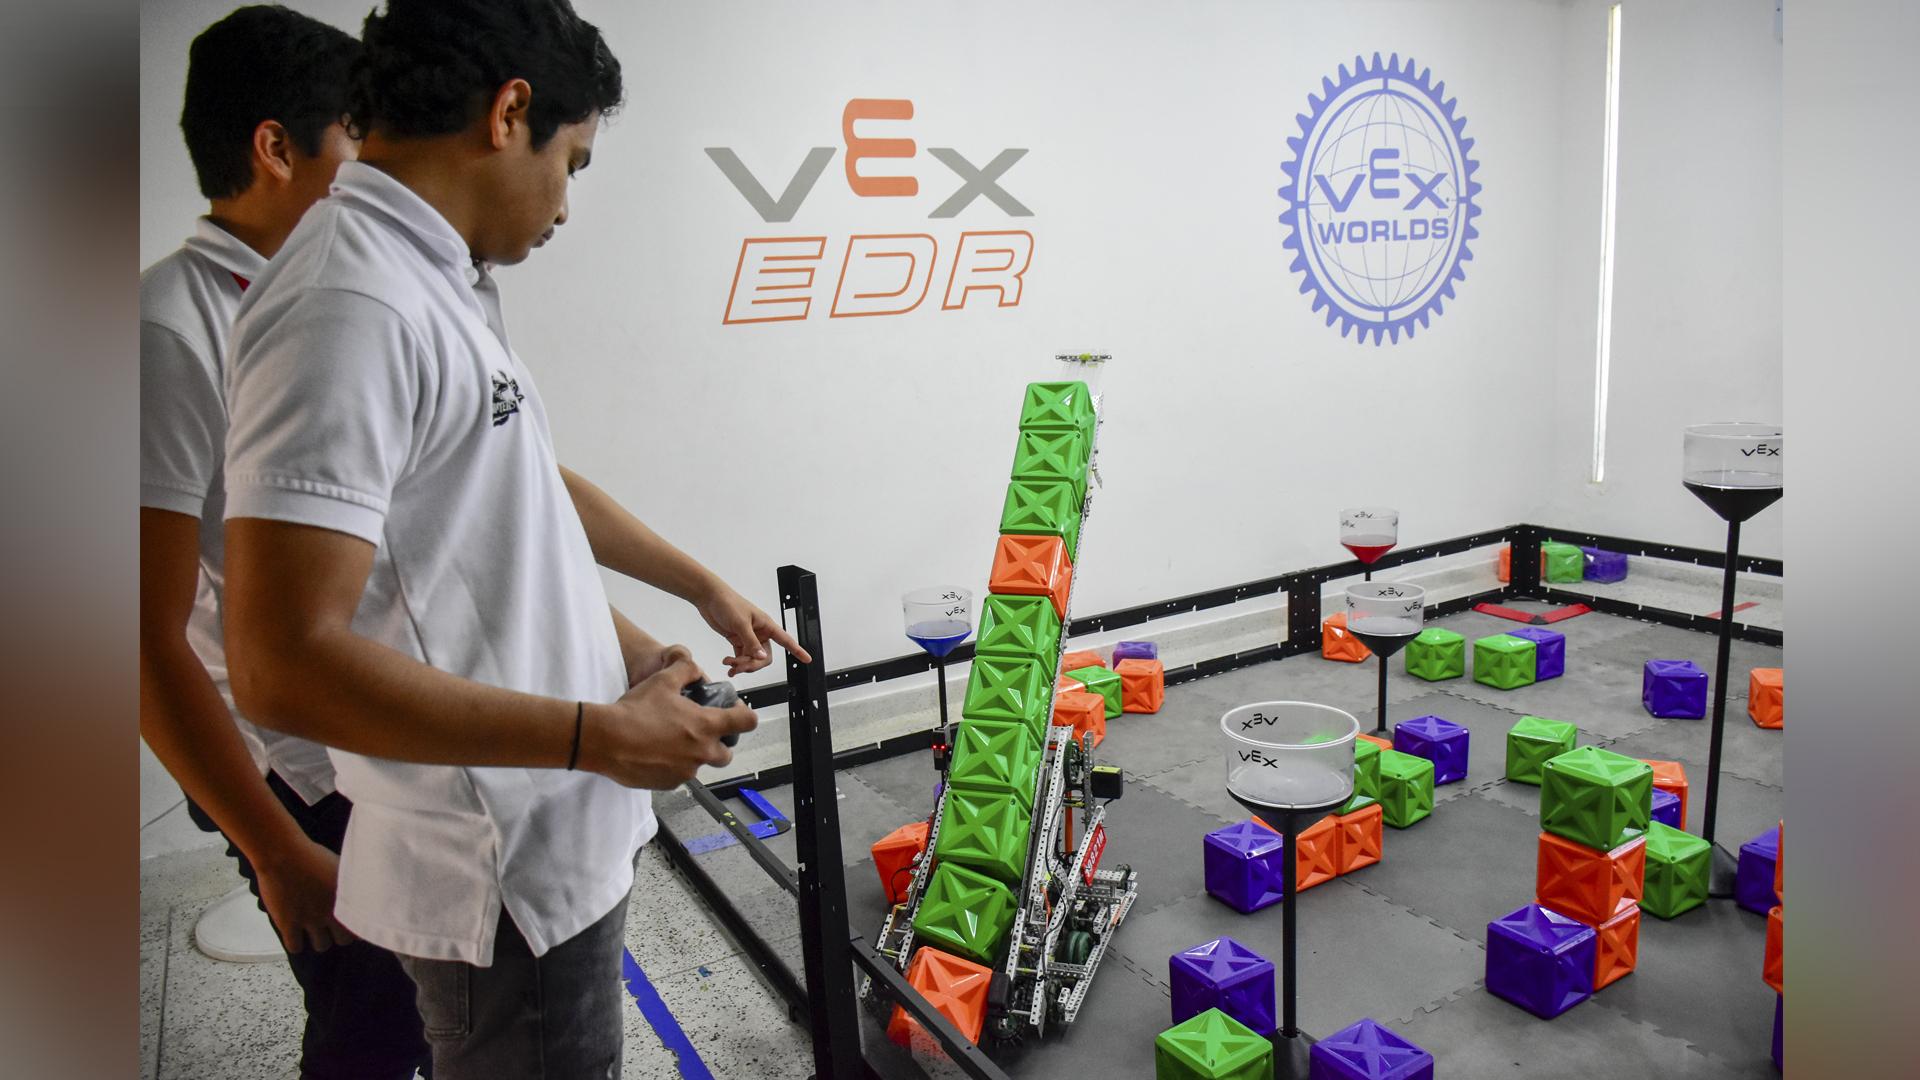 Miguel Ángel conduciendo uno de los robots en la pista de práctica.